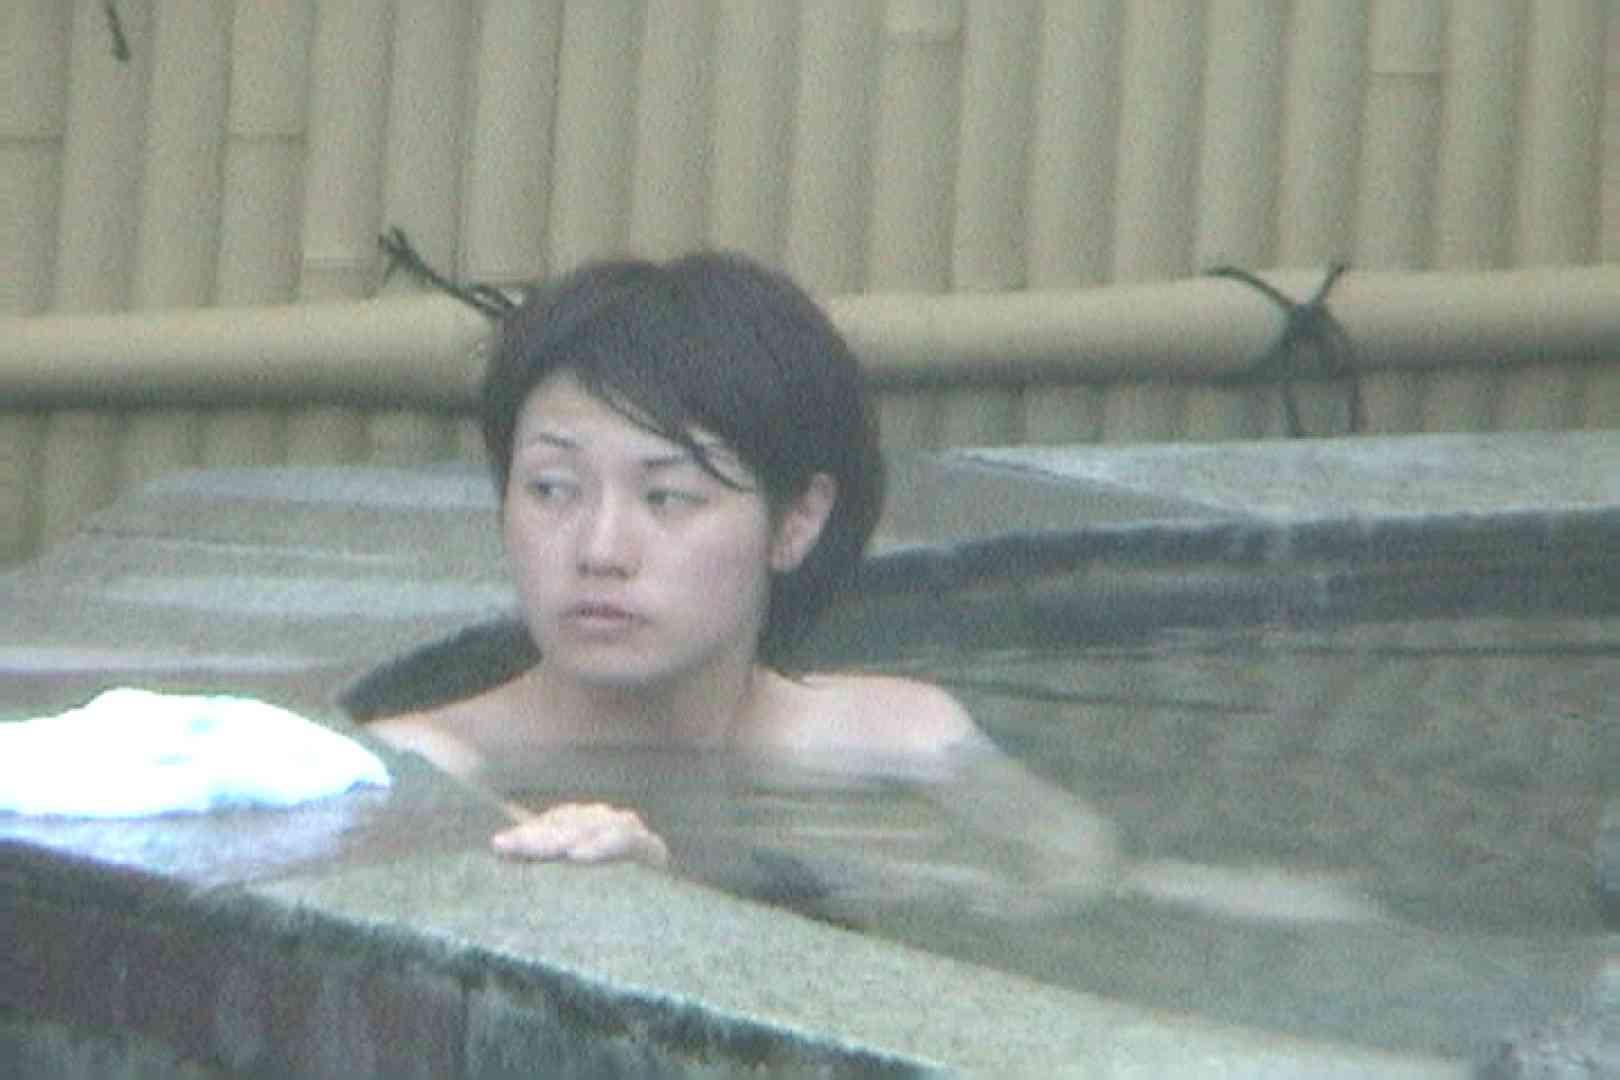 Aquaな露天風呂Vol.100【VIP限定】 盗撮   露天  98pic 37